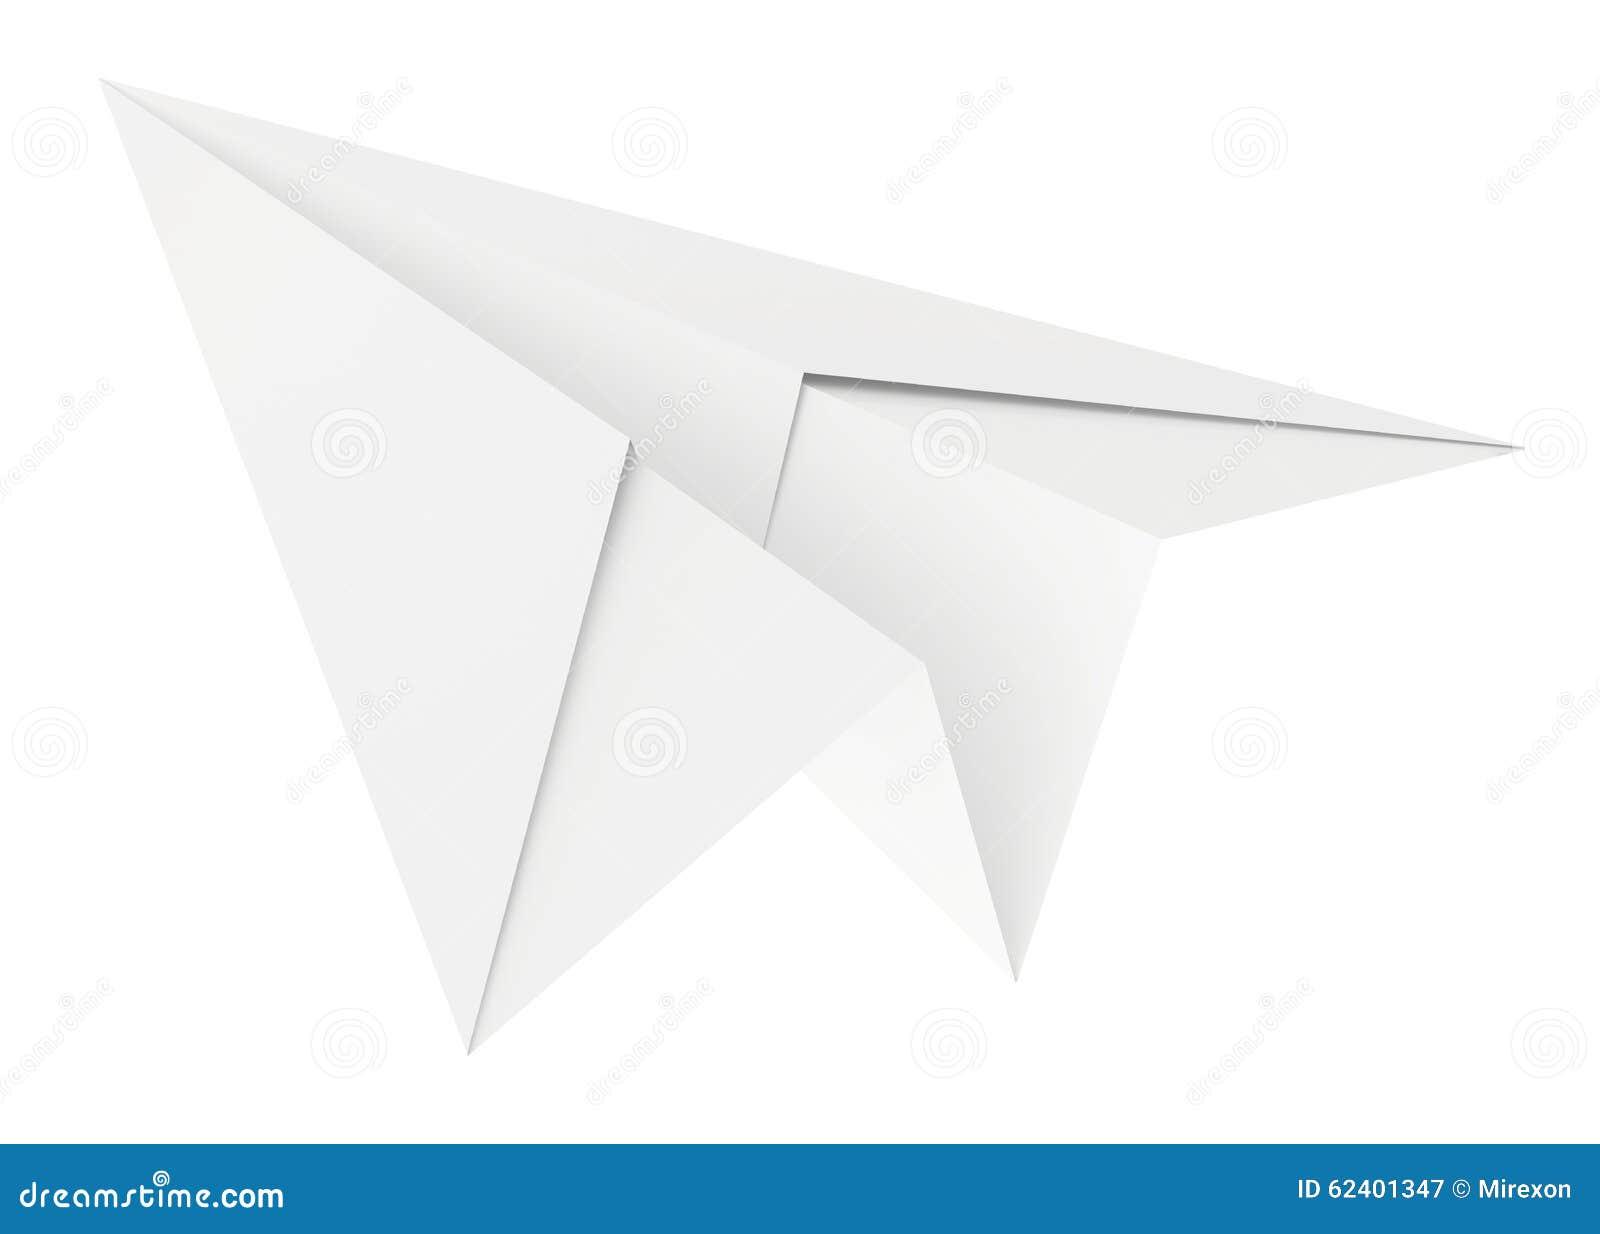 Tapezieren Sie Flugzeug Getrennt auf weißem Hintergrund sauber